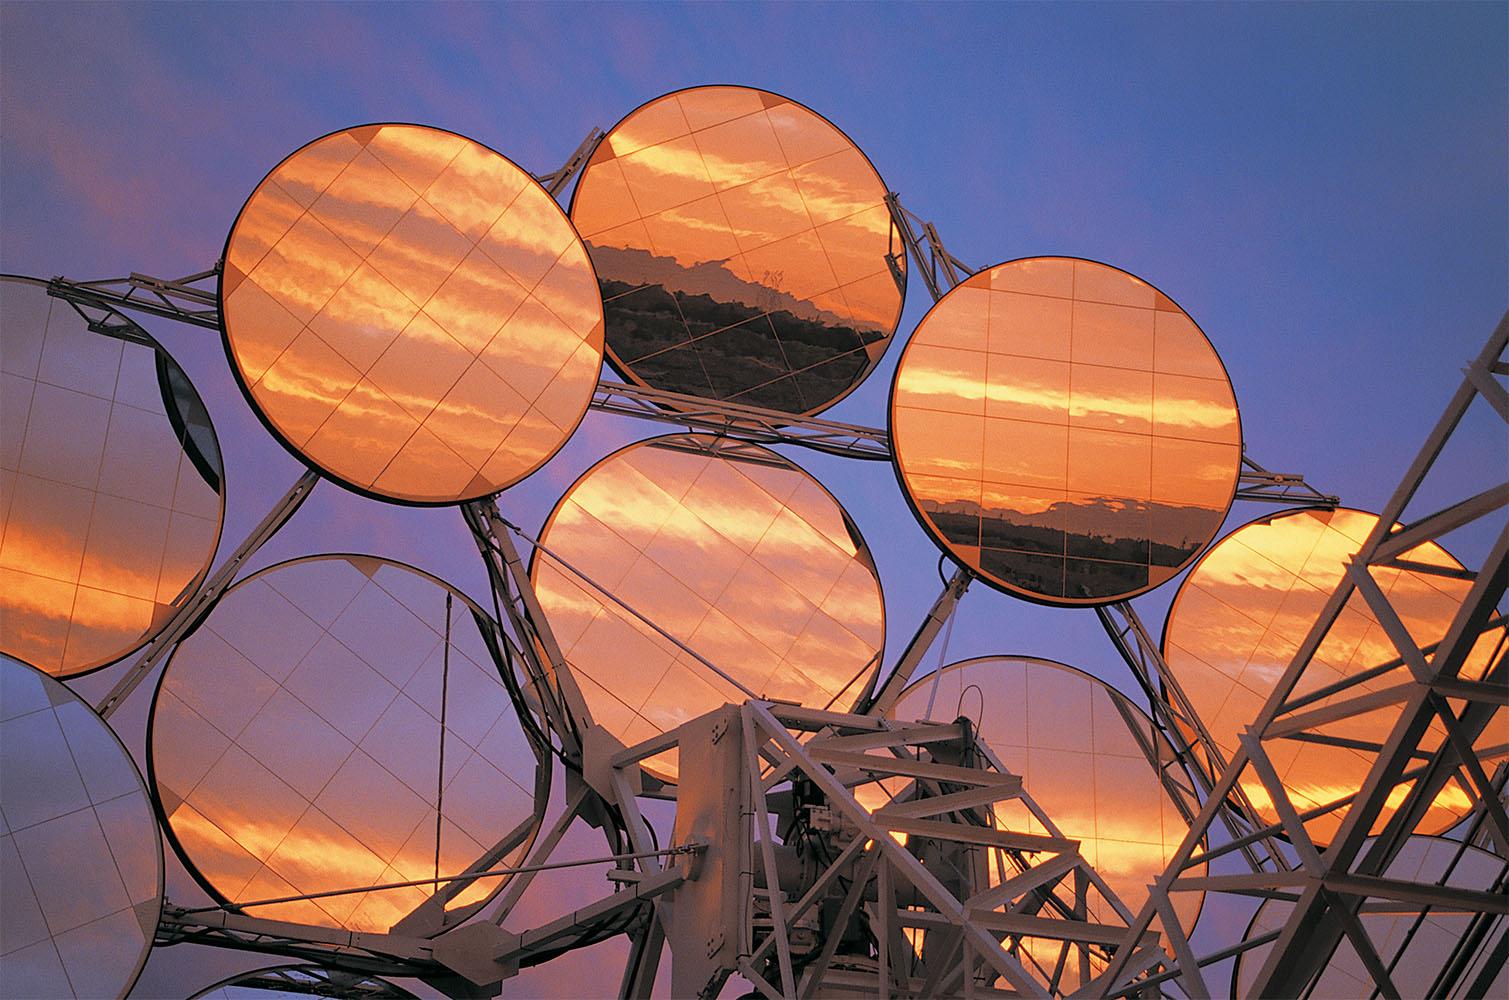 EU_solar-panels